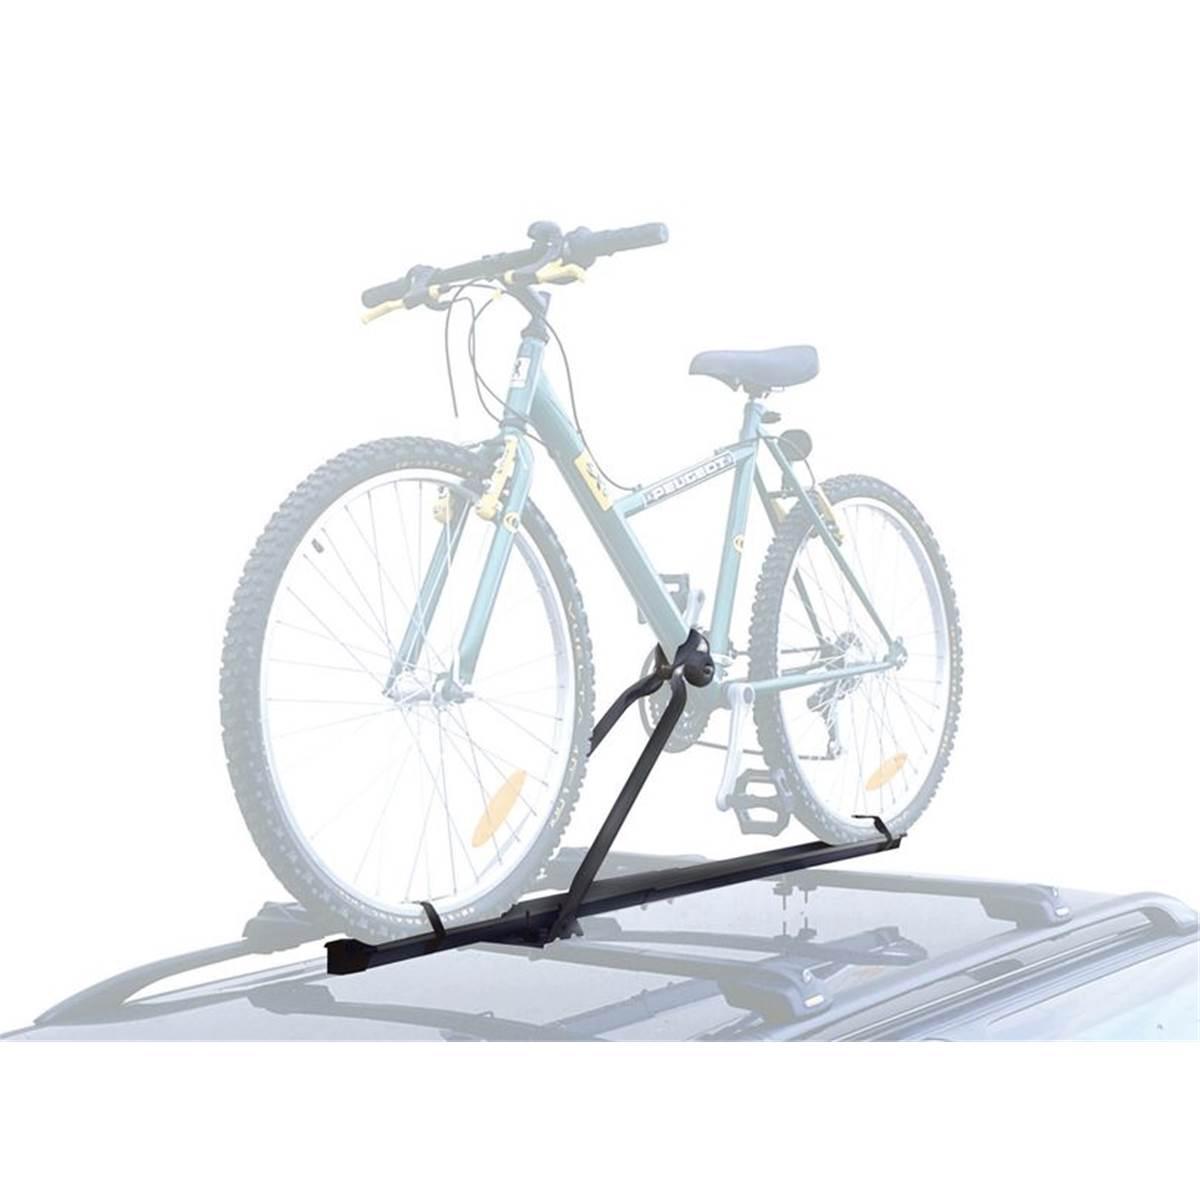 38de26f9d155e2 Porte-vélos sur toitde toit Automaxi Euromat Bike - Feu Vert